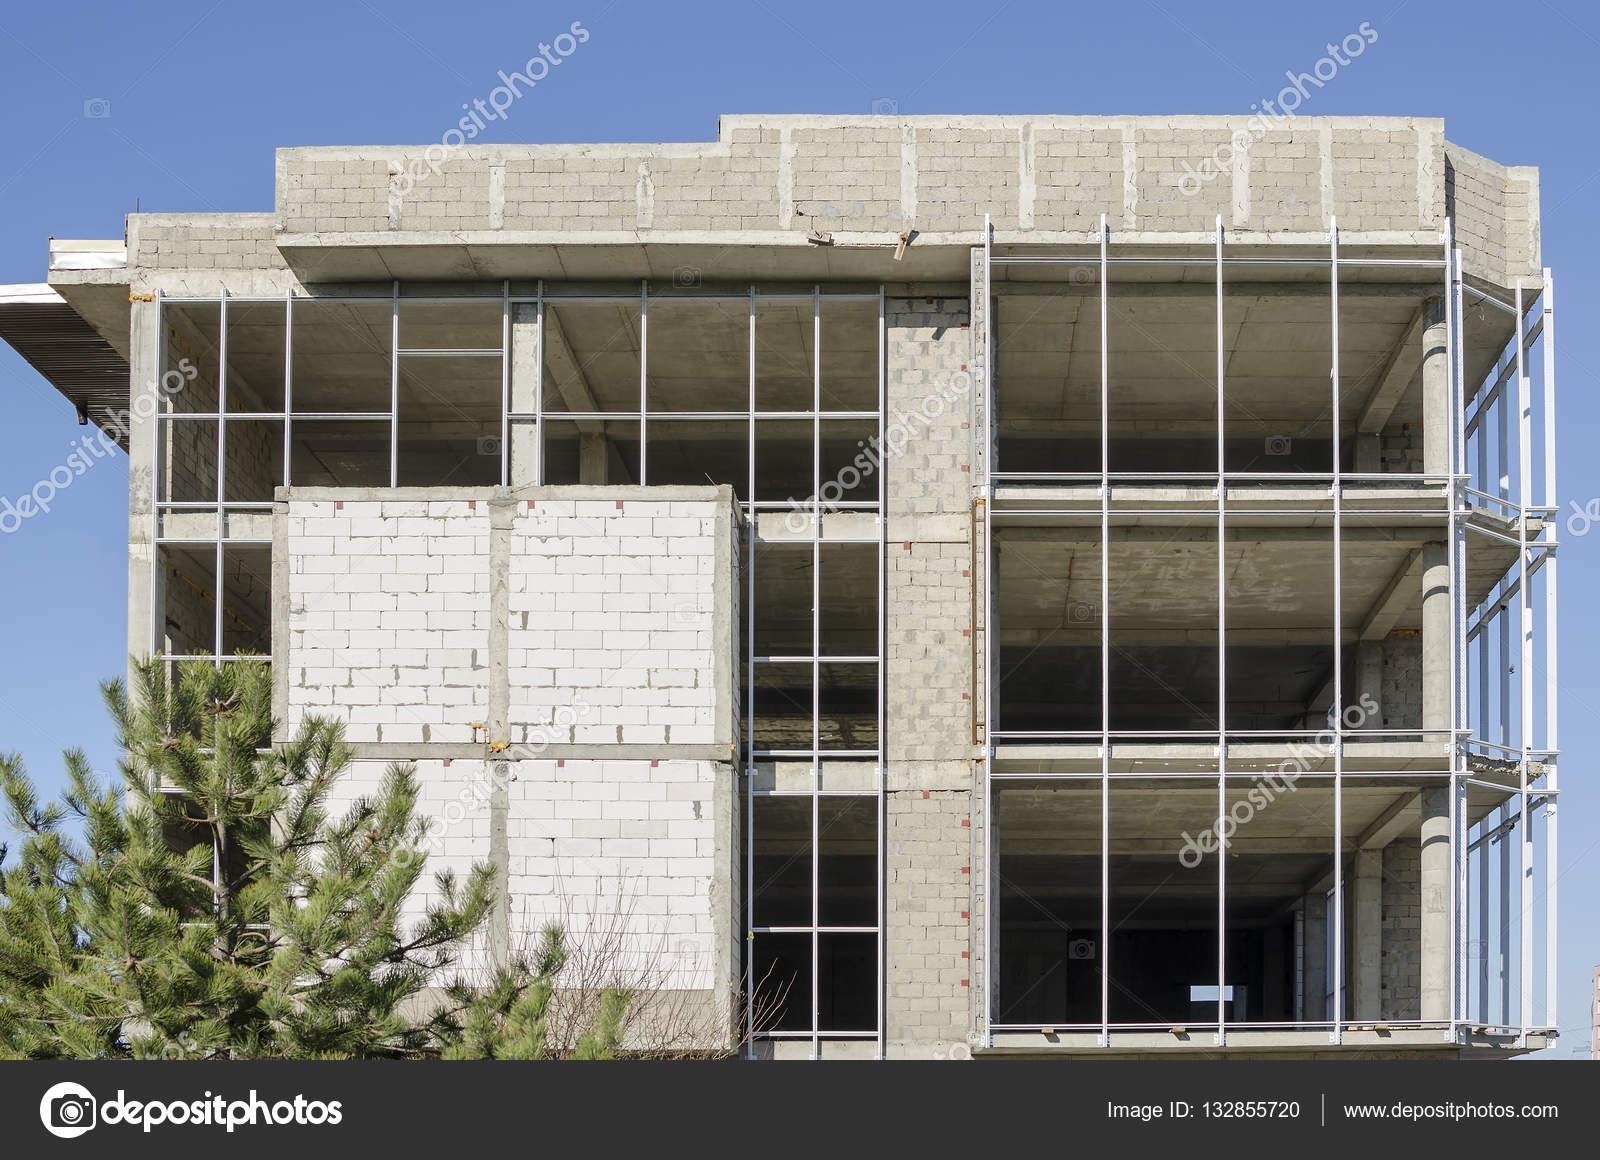 Pareti Esterne Casa : Casa di pareti esterne in costruzione u foto stock uhfybn